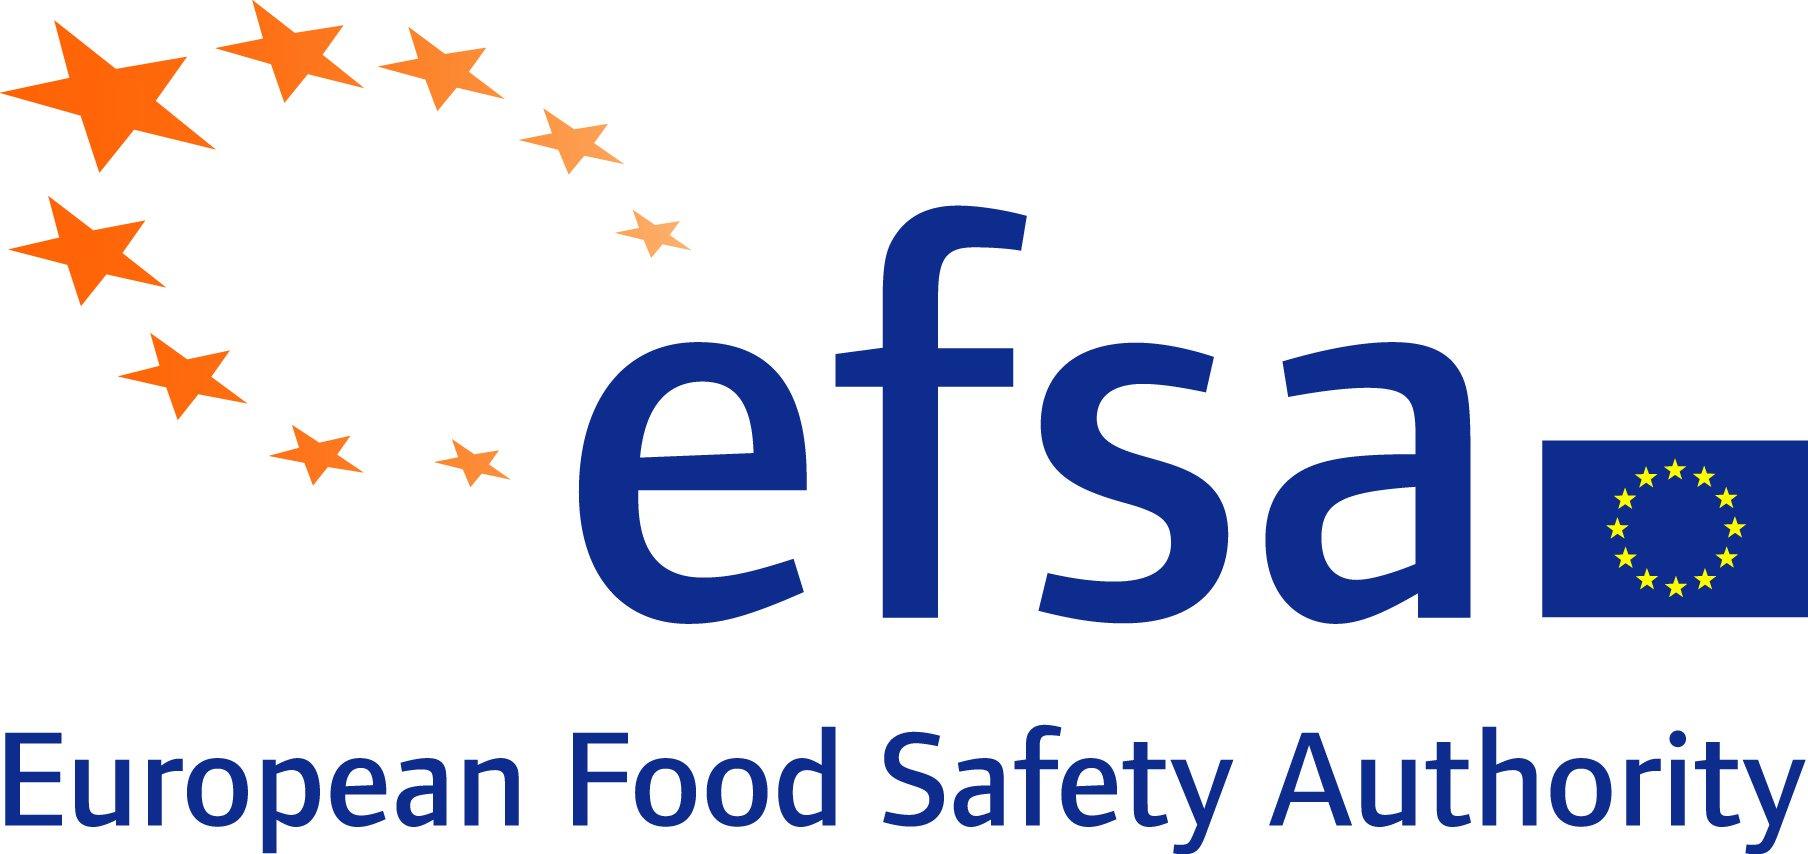 La Commissione UE cerca candidati per l'Autorità Europea per la Sicurezza Alimentare